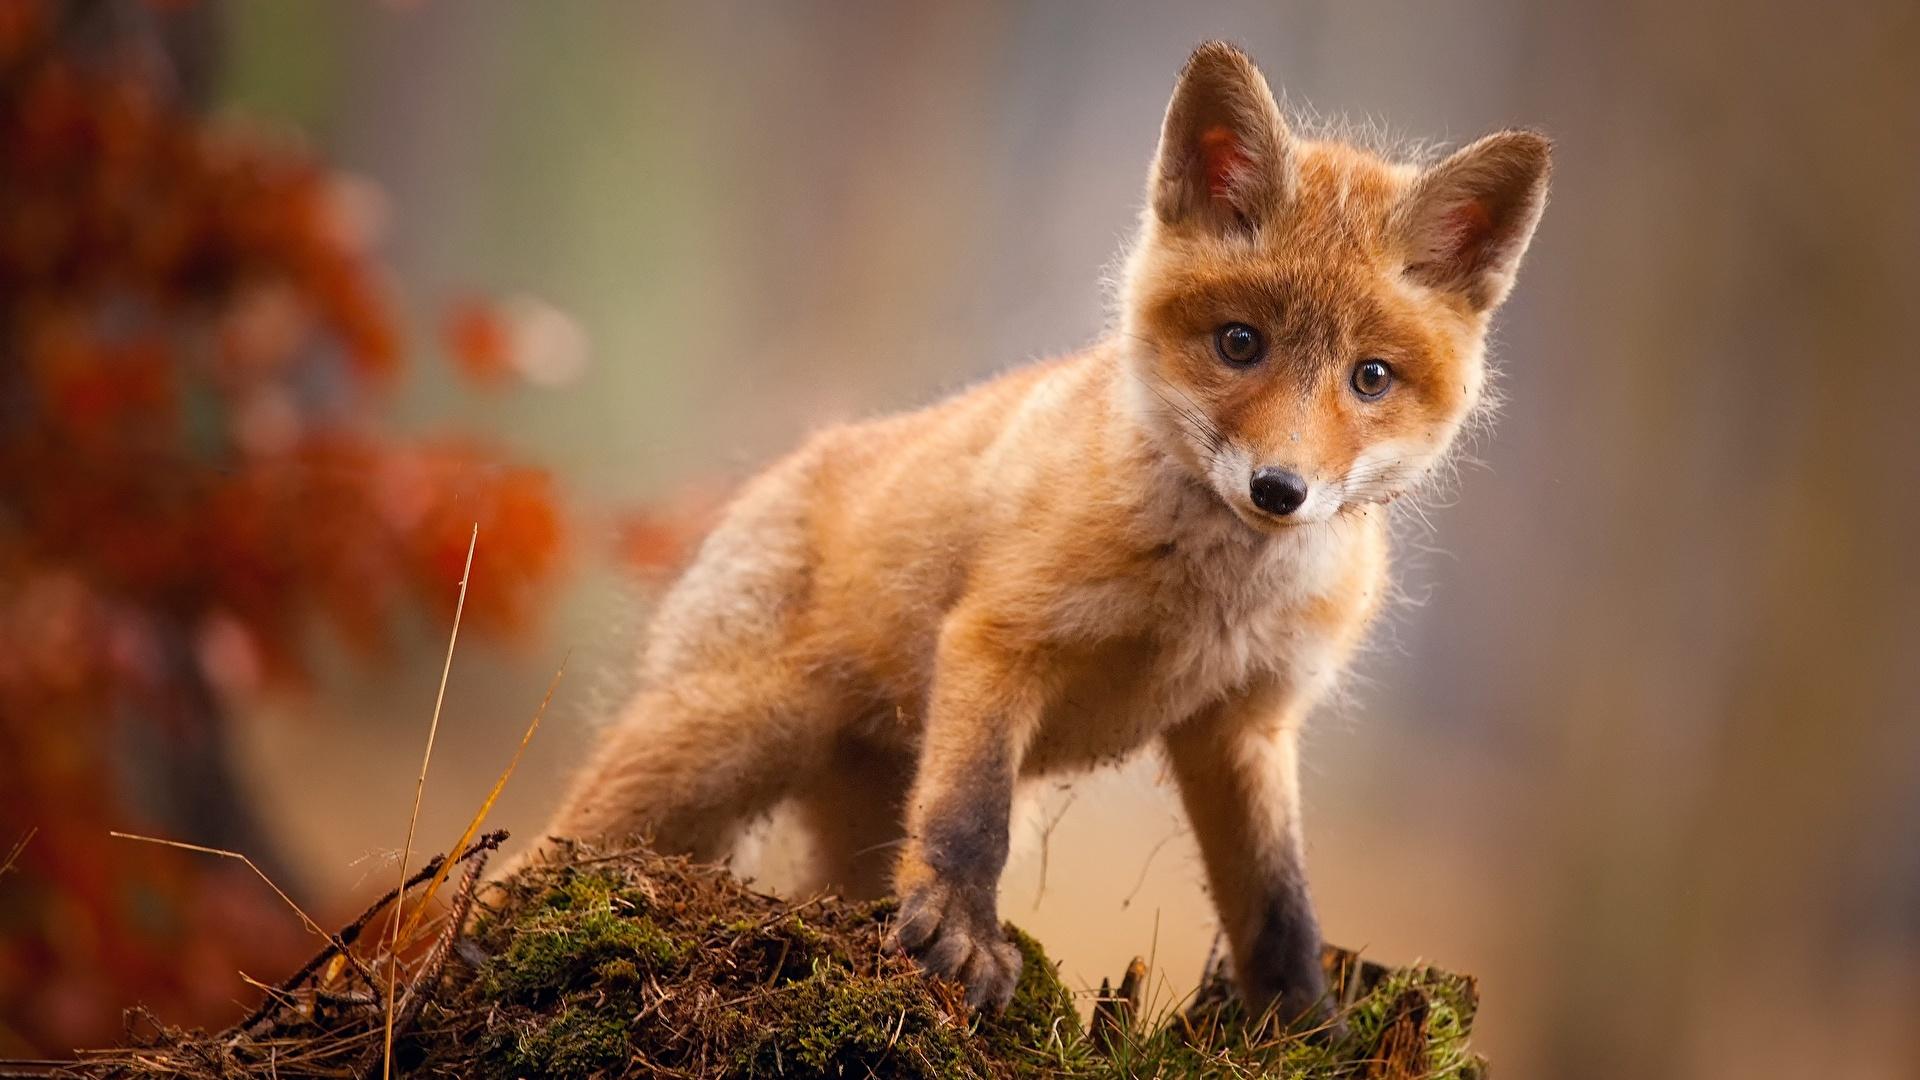 Süße tiere hintergrundbilder Herunterladen hintergrundbild